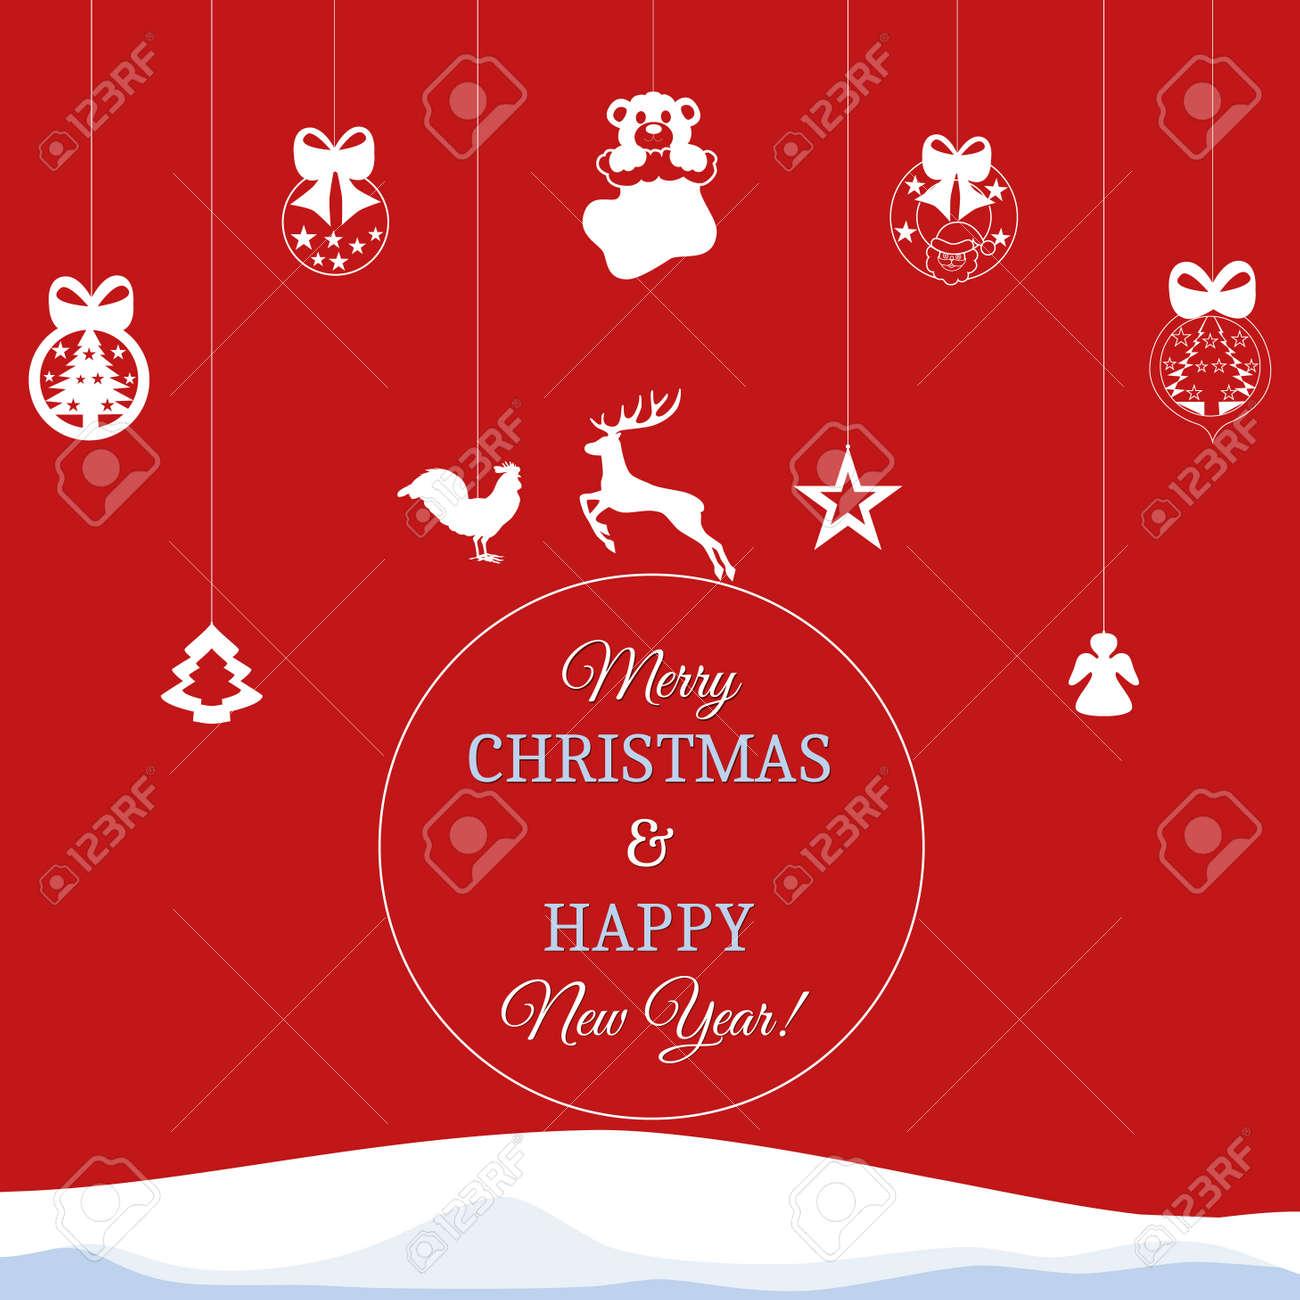 2017 Antecedentes Feliz Año Nuevo Para Sus Volantes Y Tarjeta De Felicitaciones Ideal Para Utilizar Para La Invitación De Las Partes Feliz Navidad Y